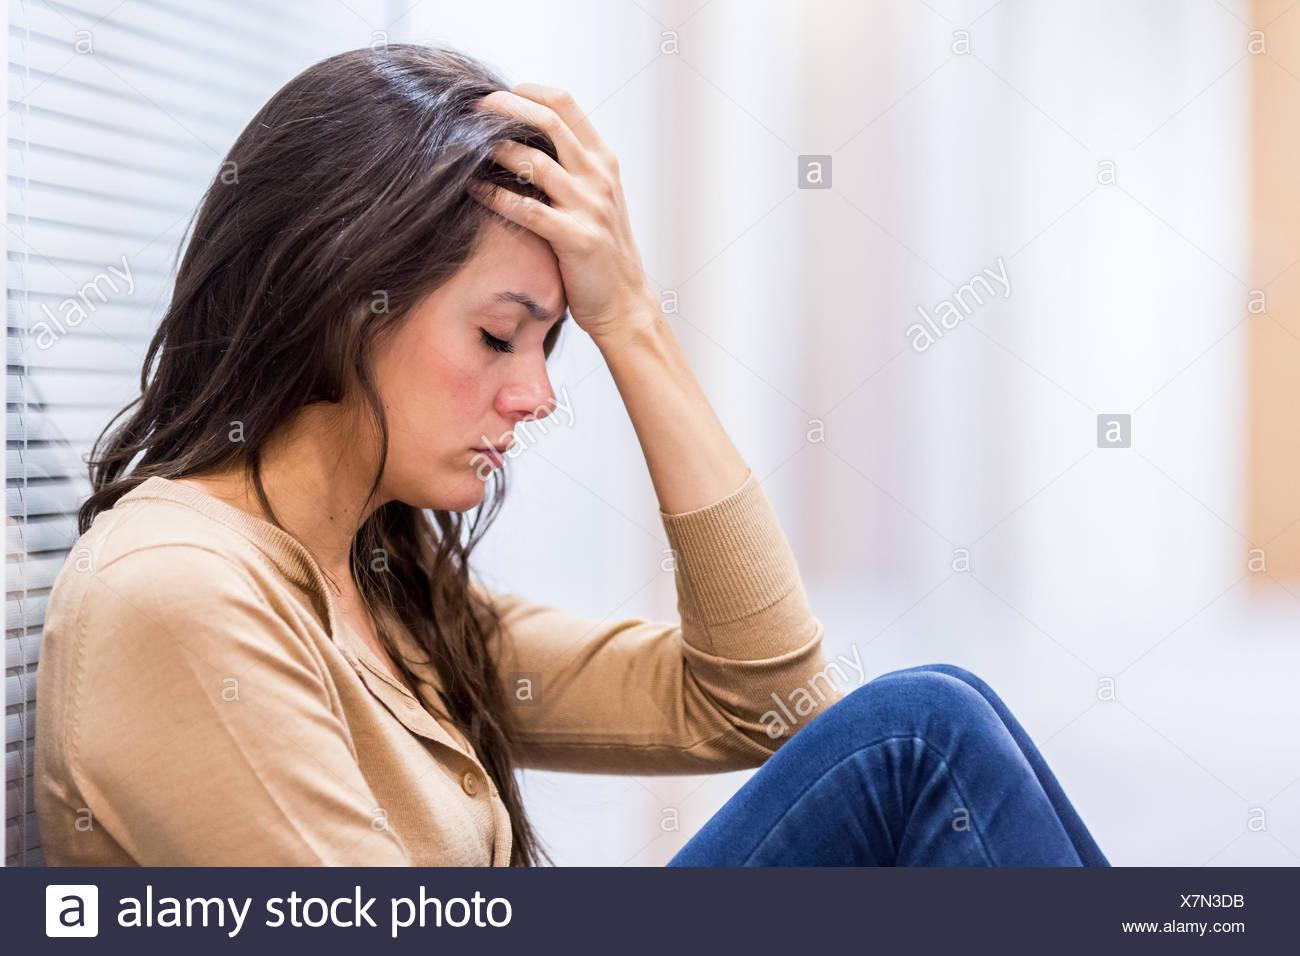 Sad Woman Stock Photos Sad Woman Stock Images Alamy